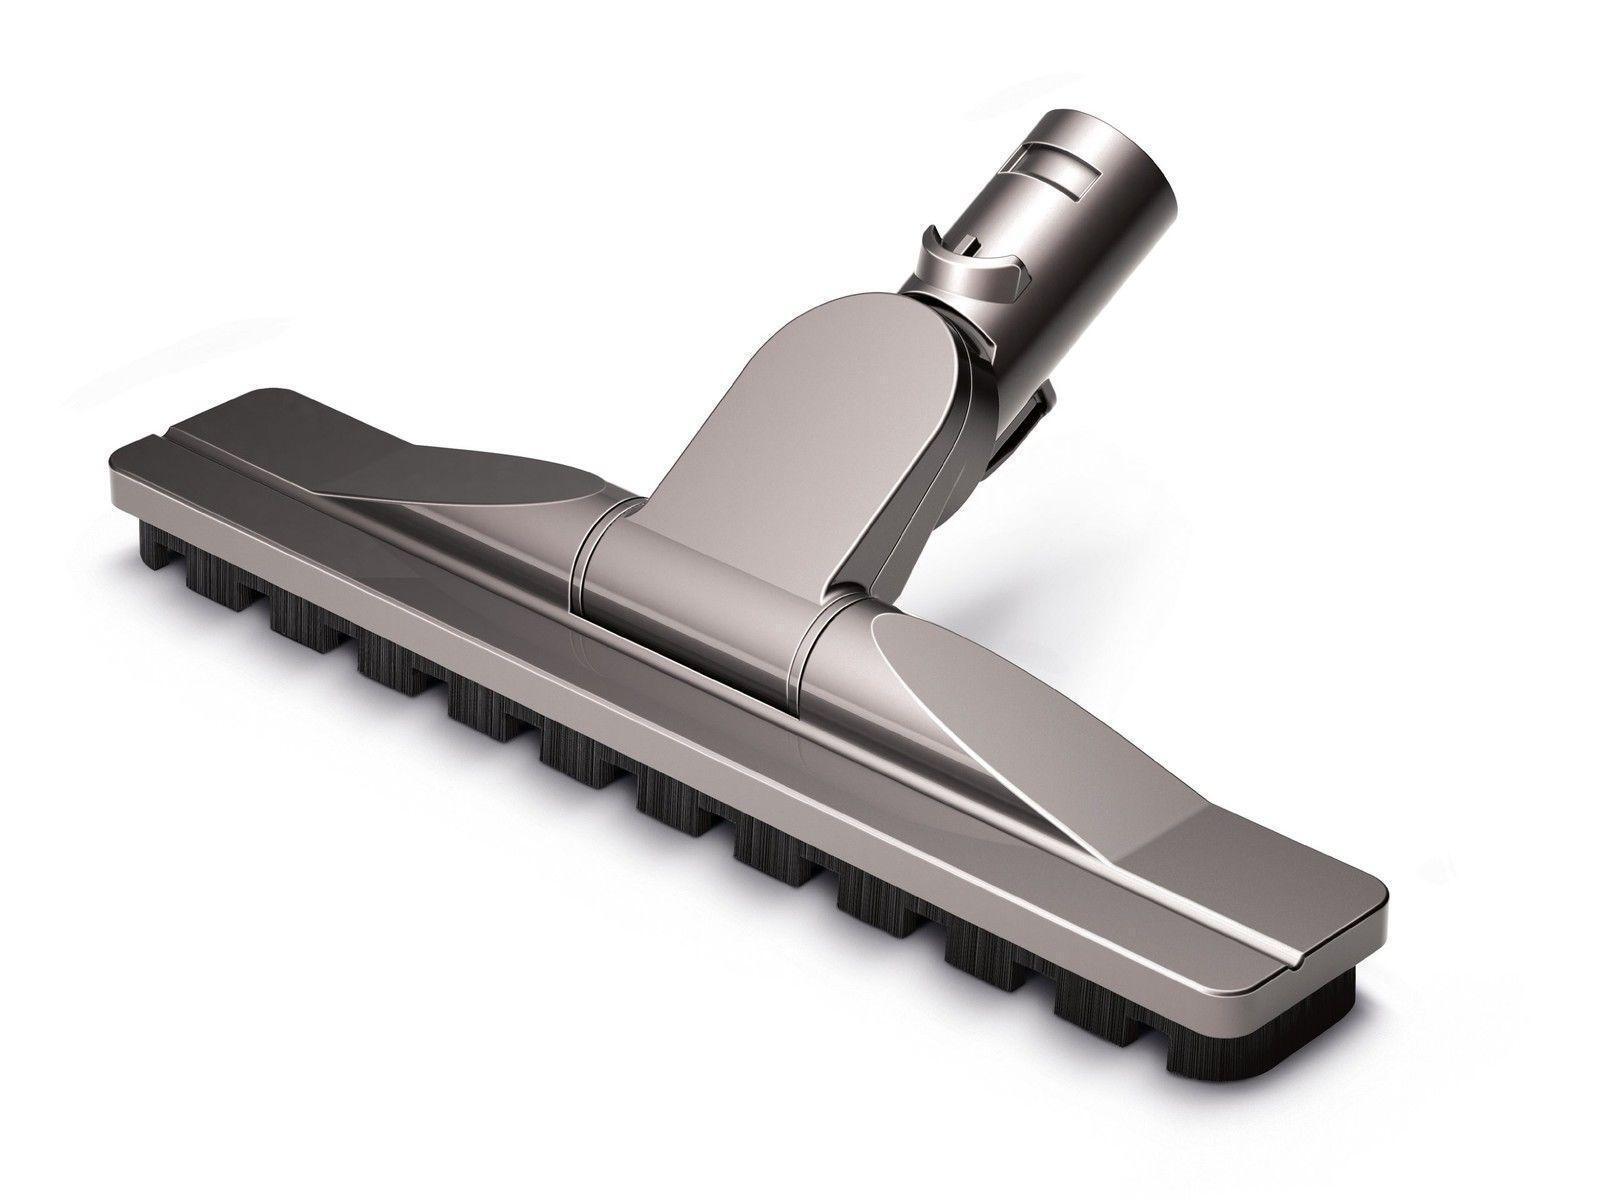 Насадка для пылесоса dyson articulating hard floor tool dyson dc23 пылесос отзывы